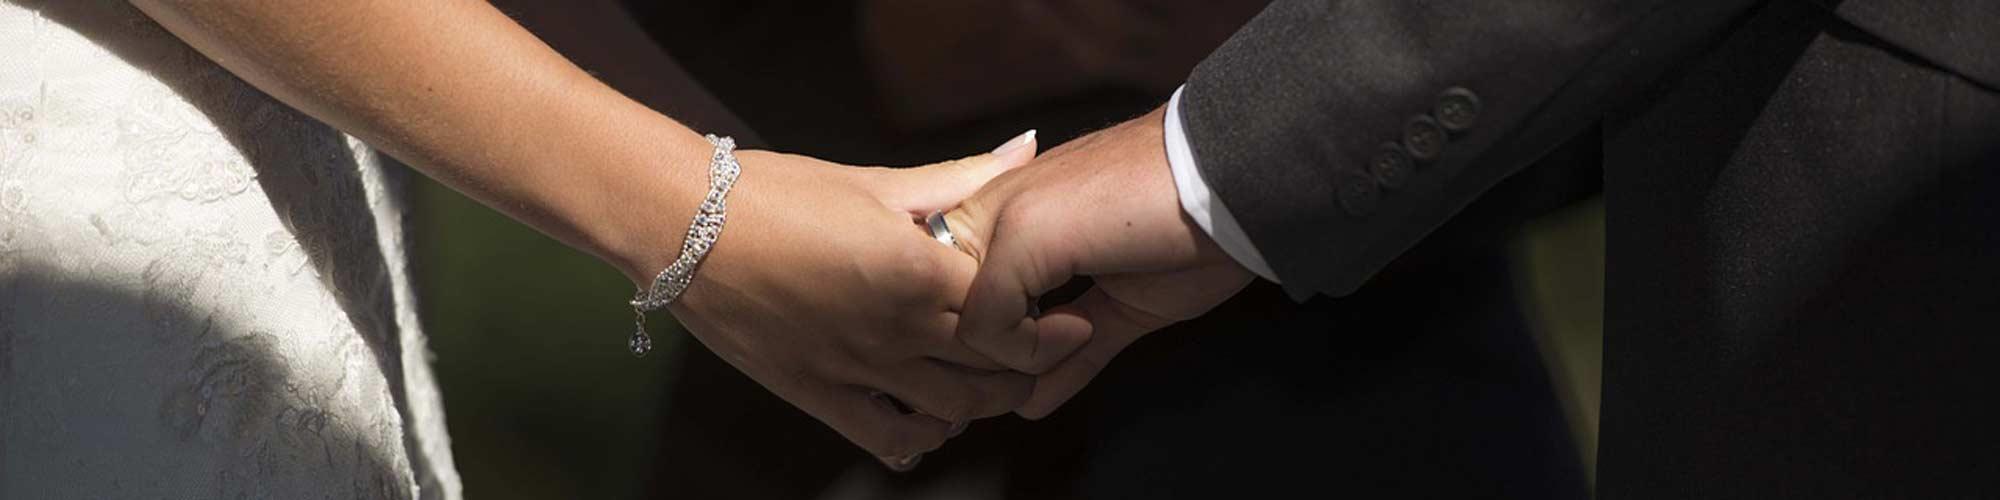 ceremony-the-wedding-pro